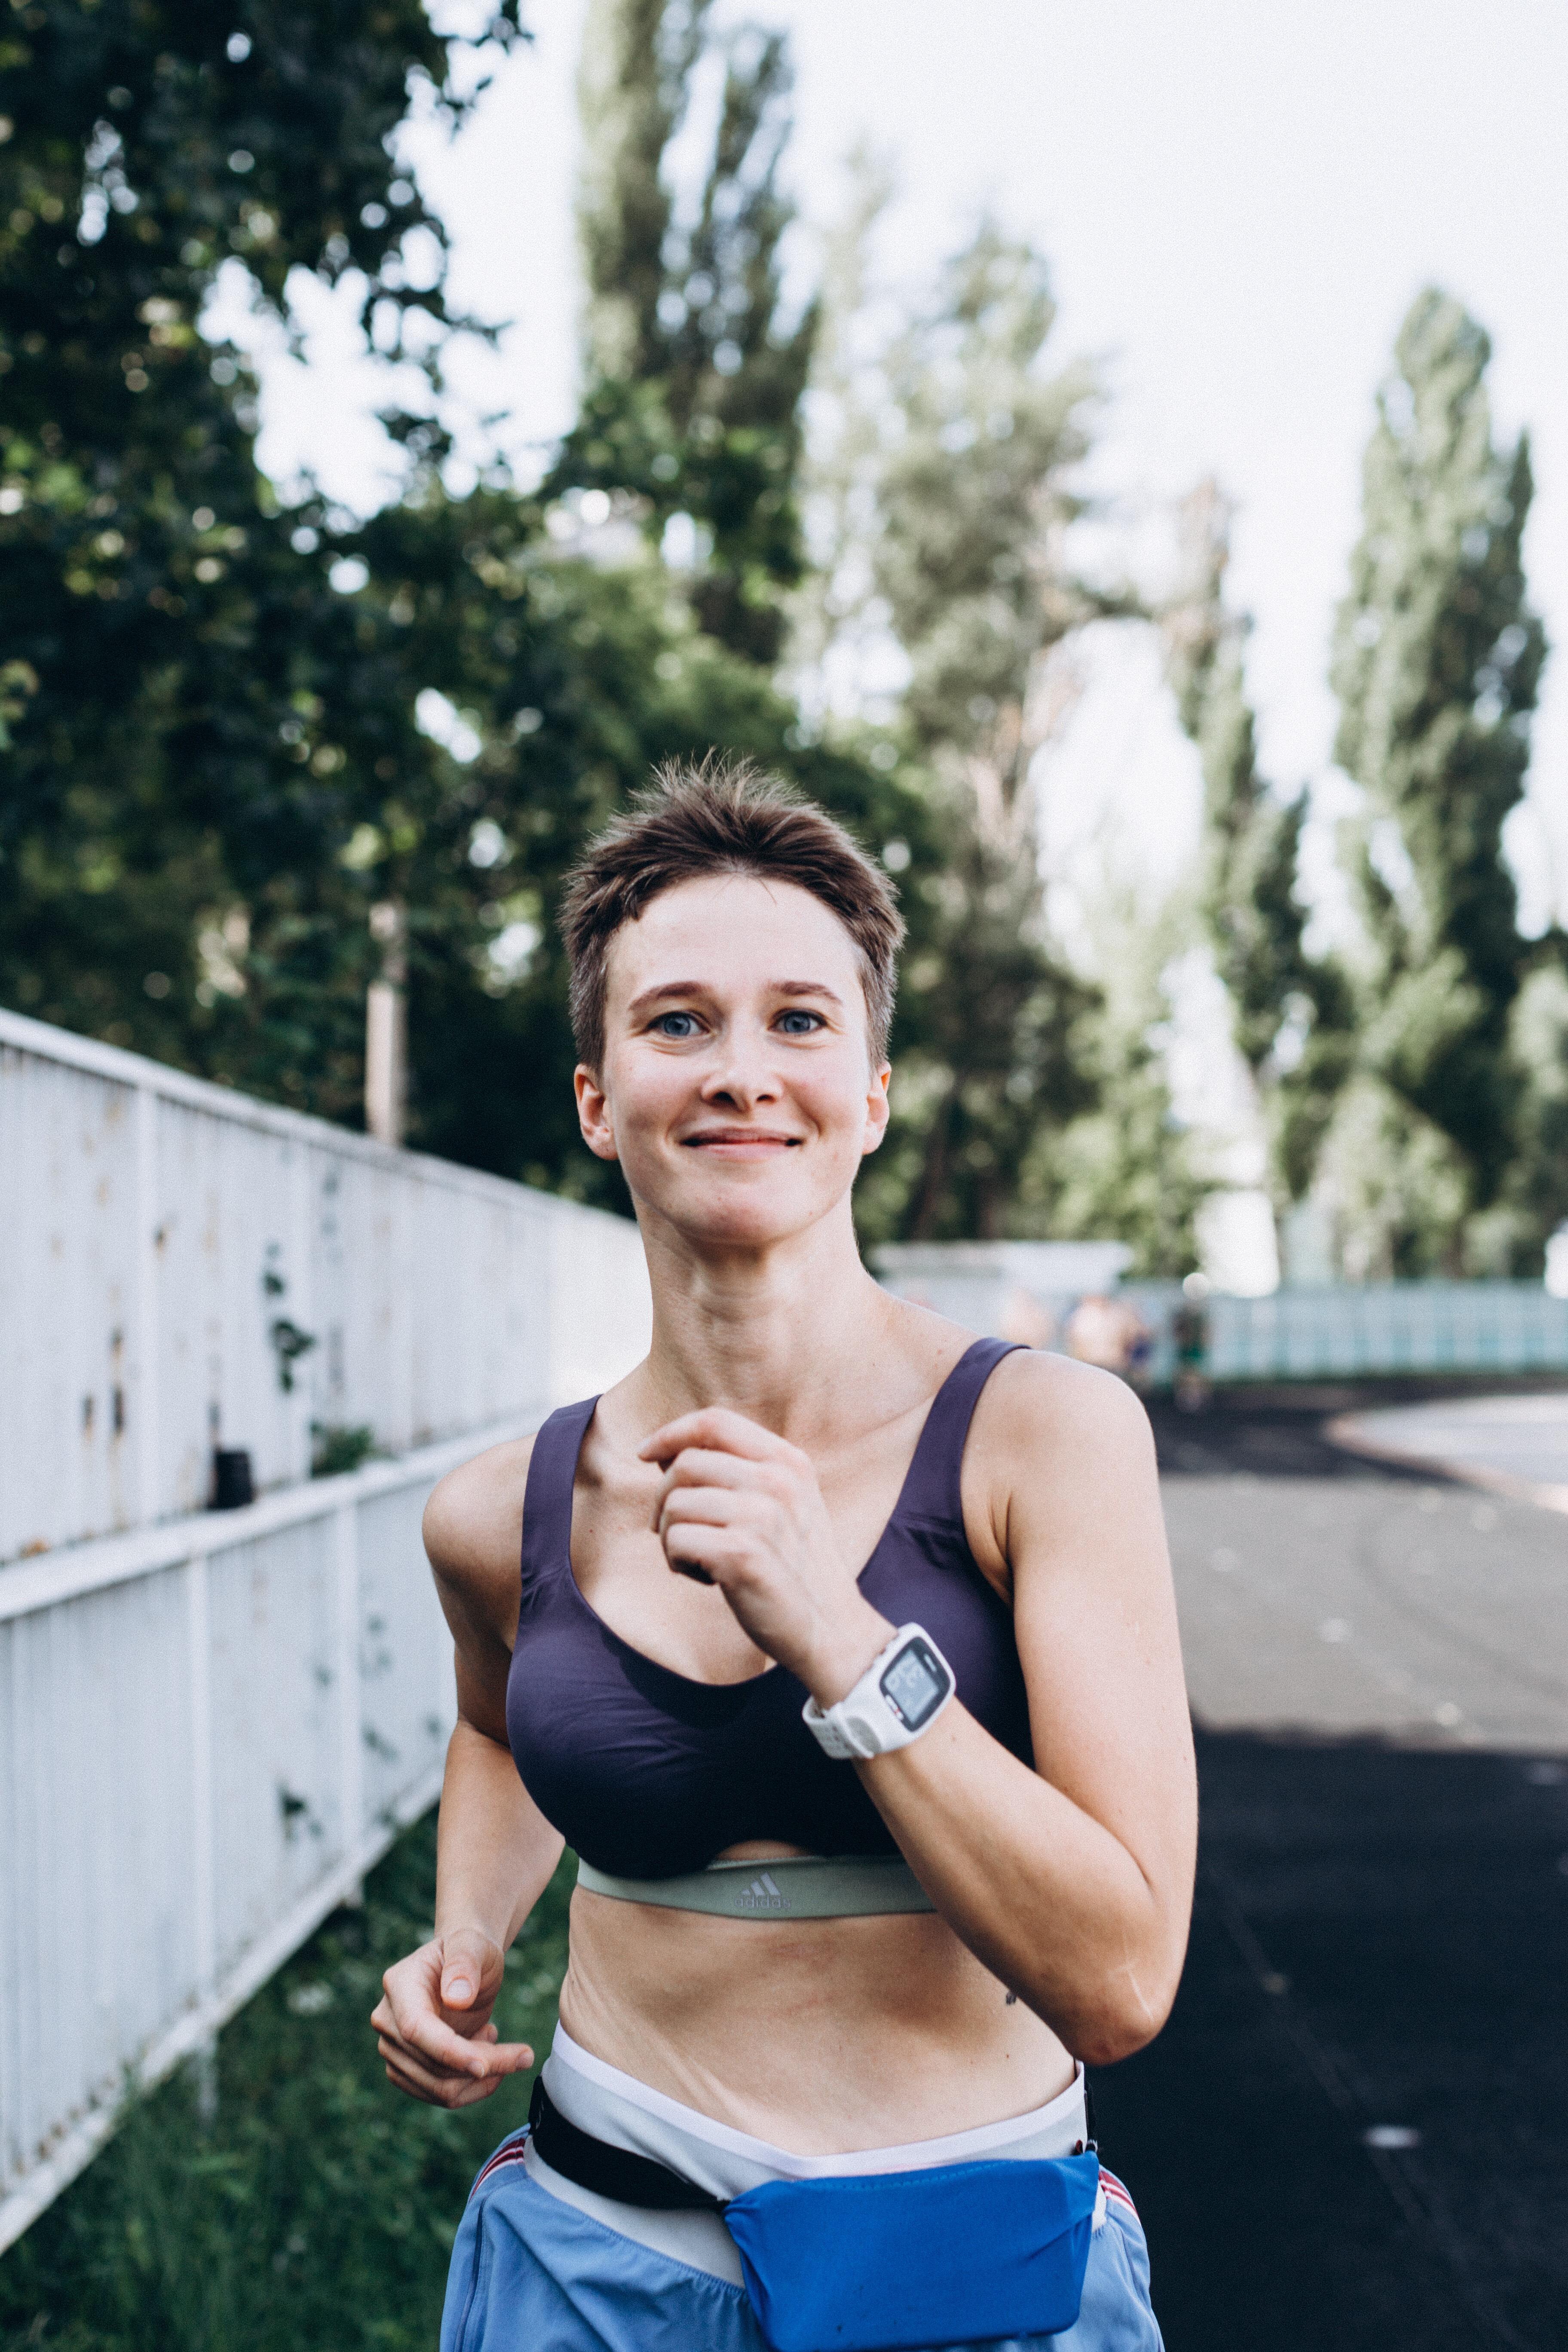 истории о людях, которые скоро пробегут свой первый марафон